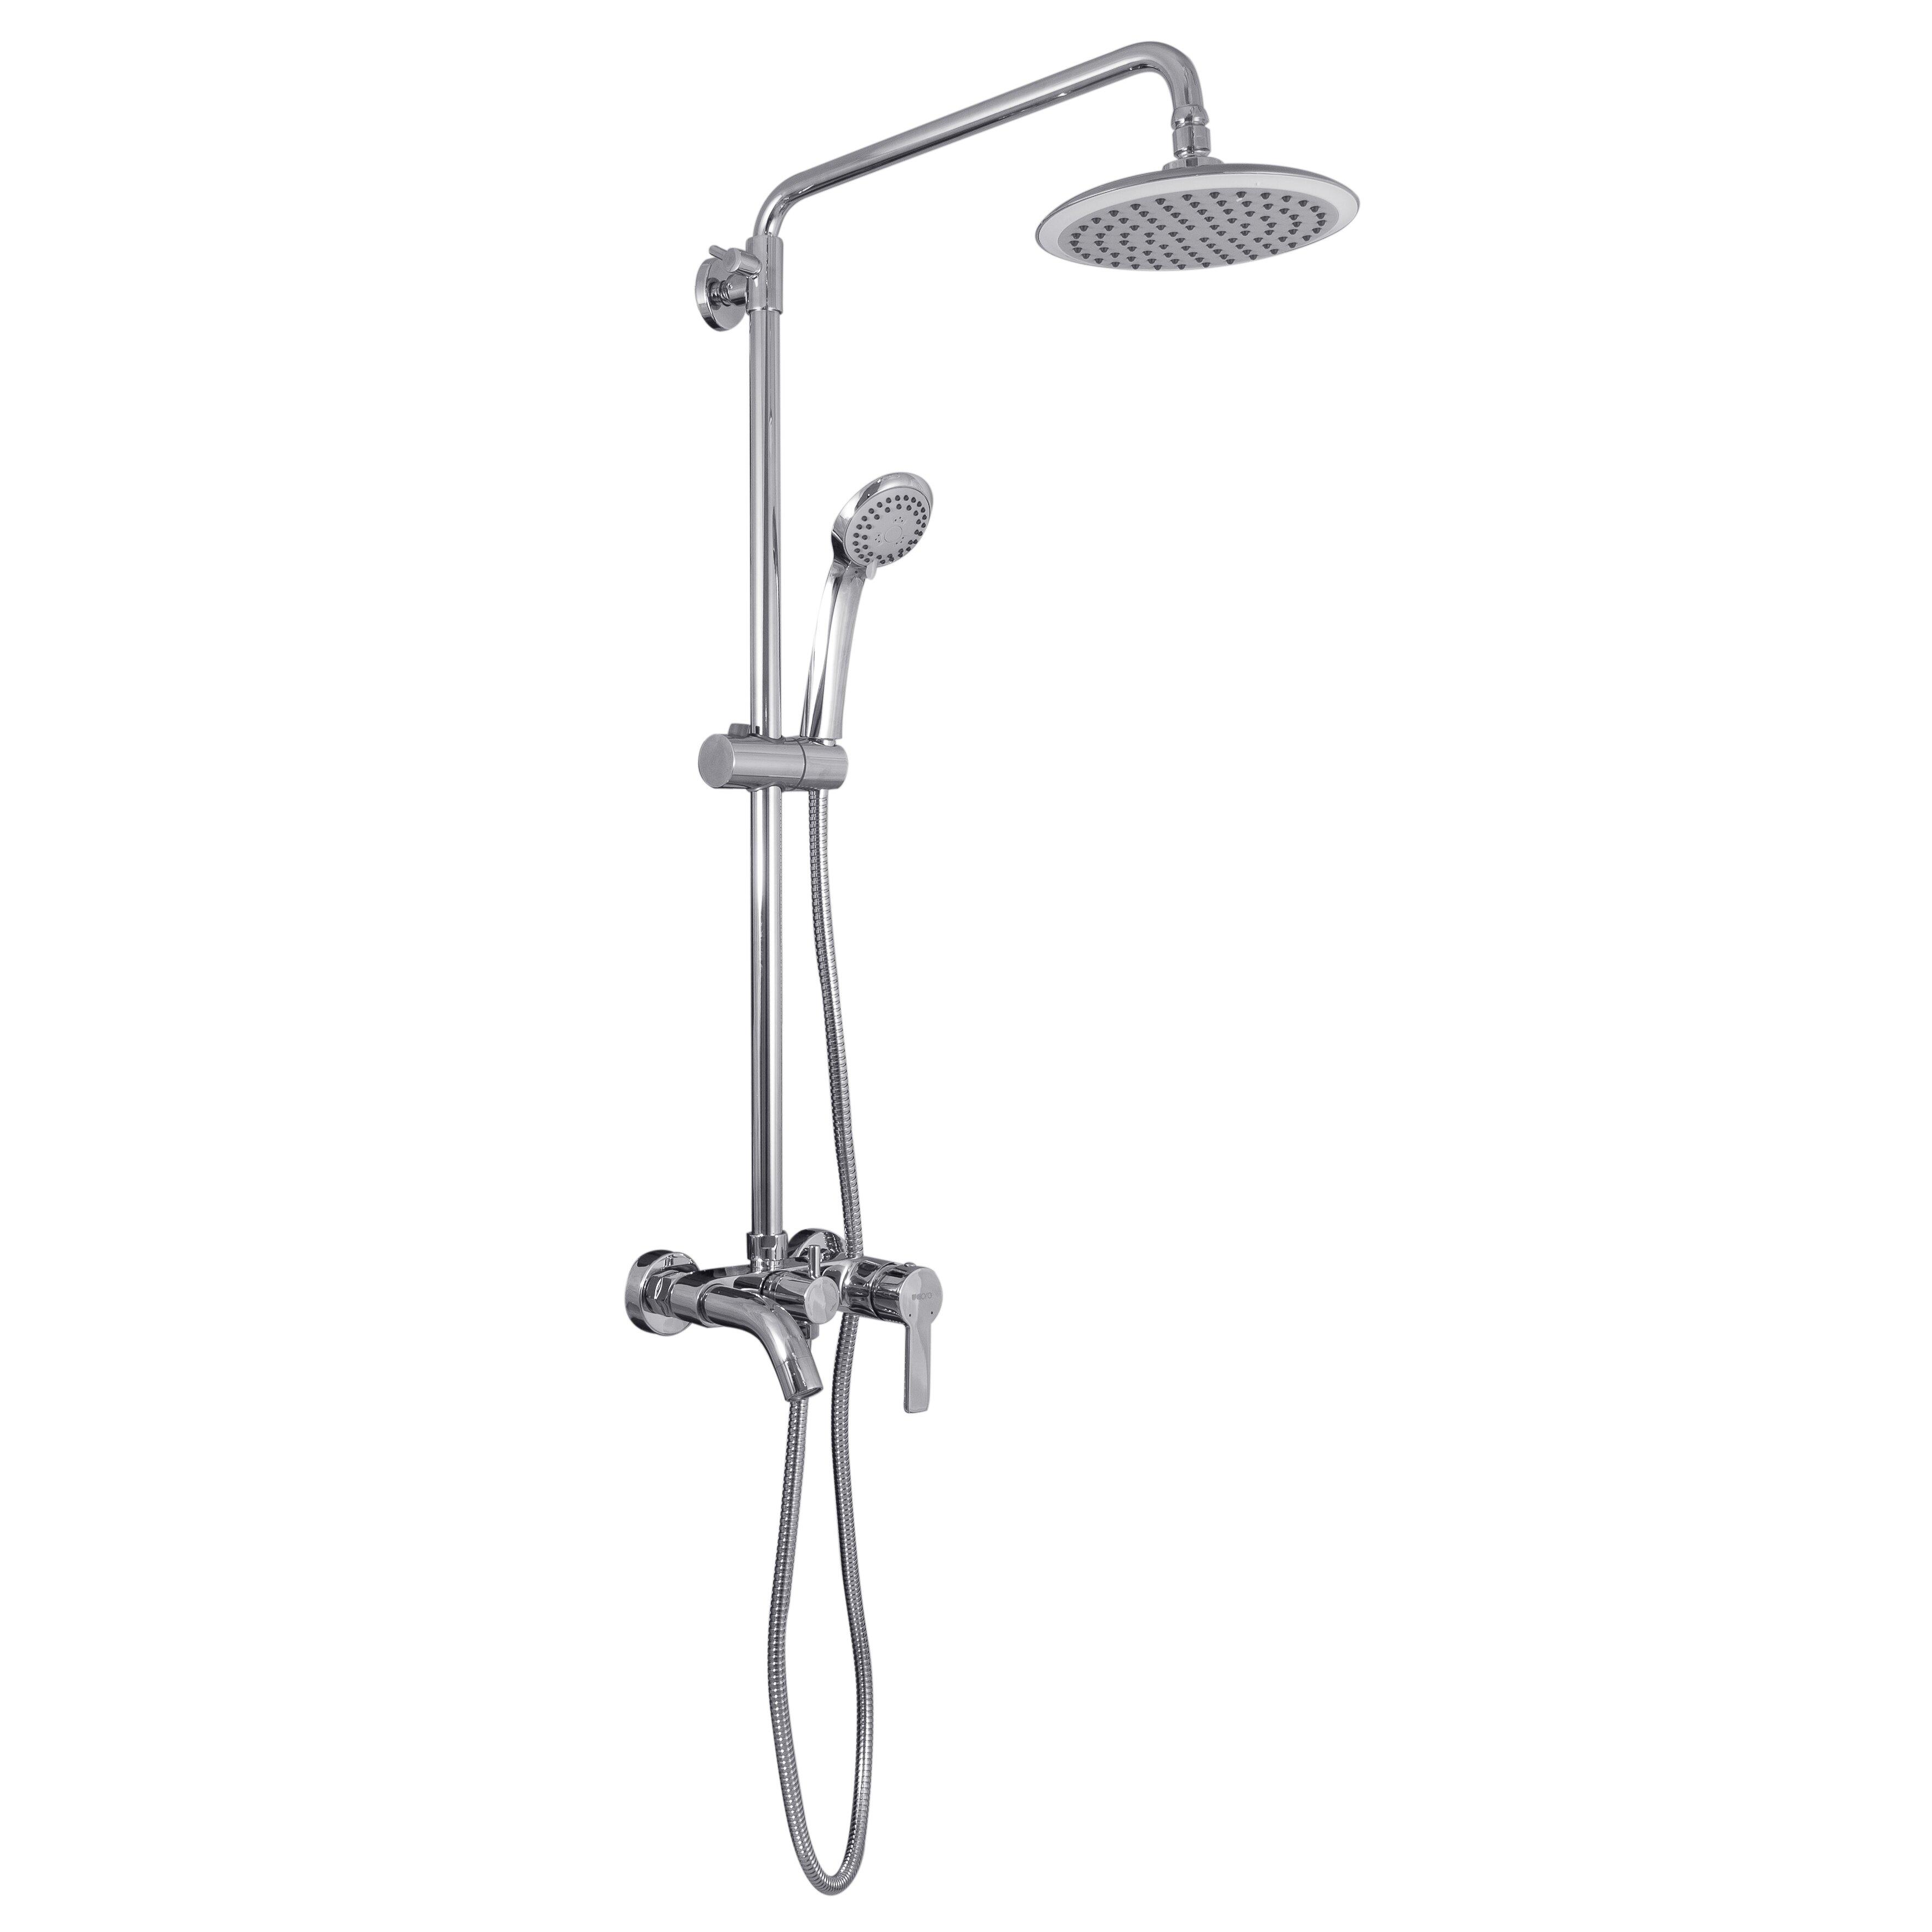 bath shower faucet wayfair bathroom bath amp shower faucet brass shower mixer